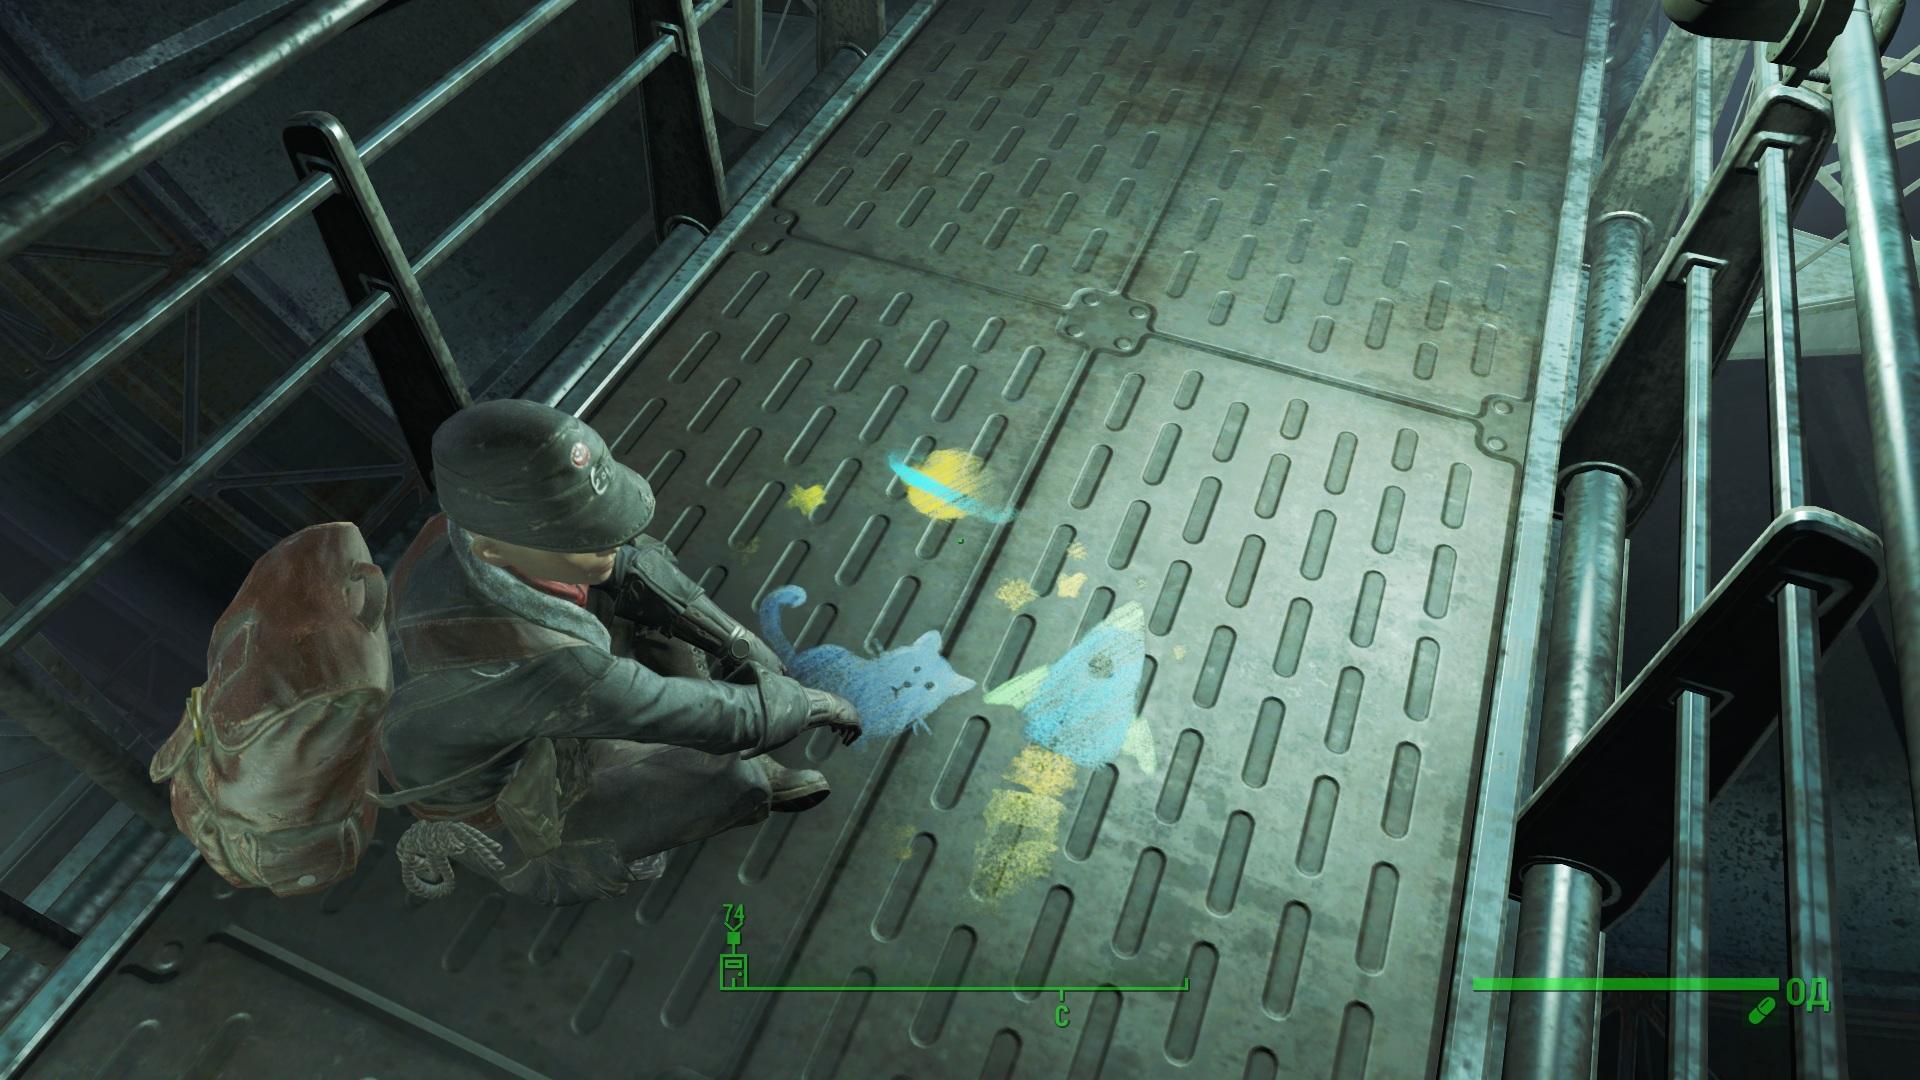 о чем мечтает оруженосец БС - Fallout 4 верхняя палуба, мечты, оруженосец БС, Придвен